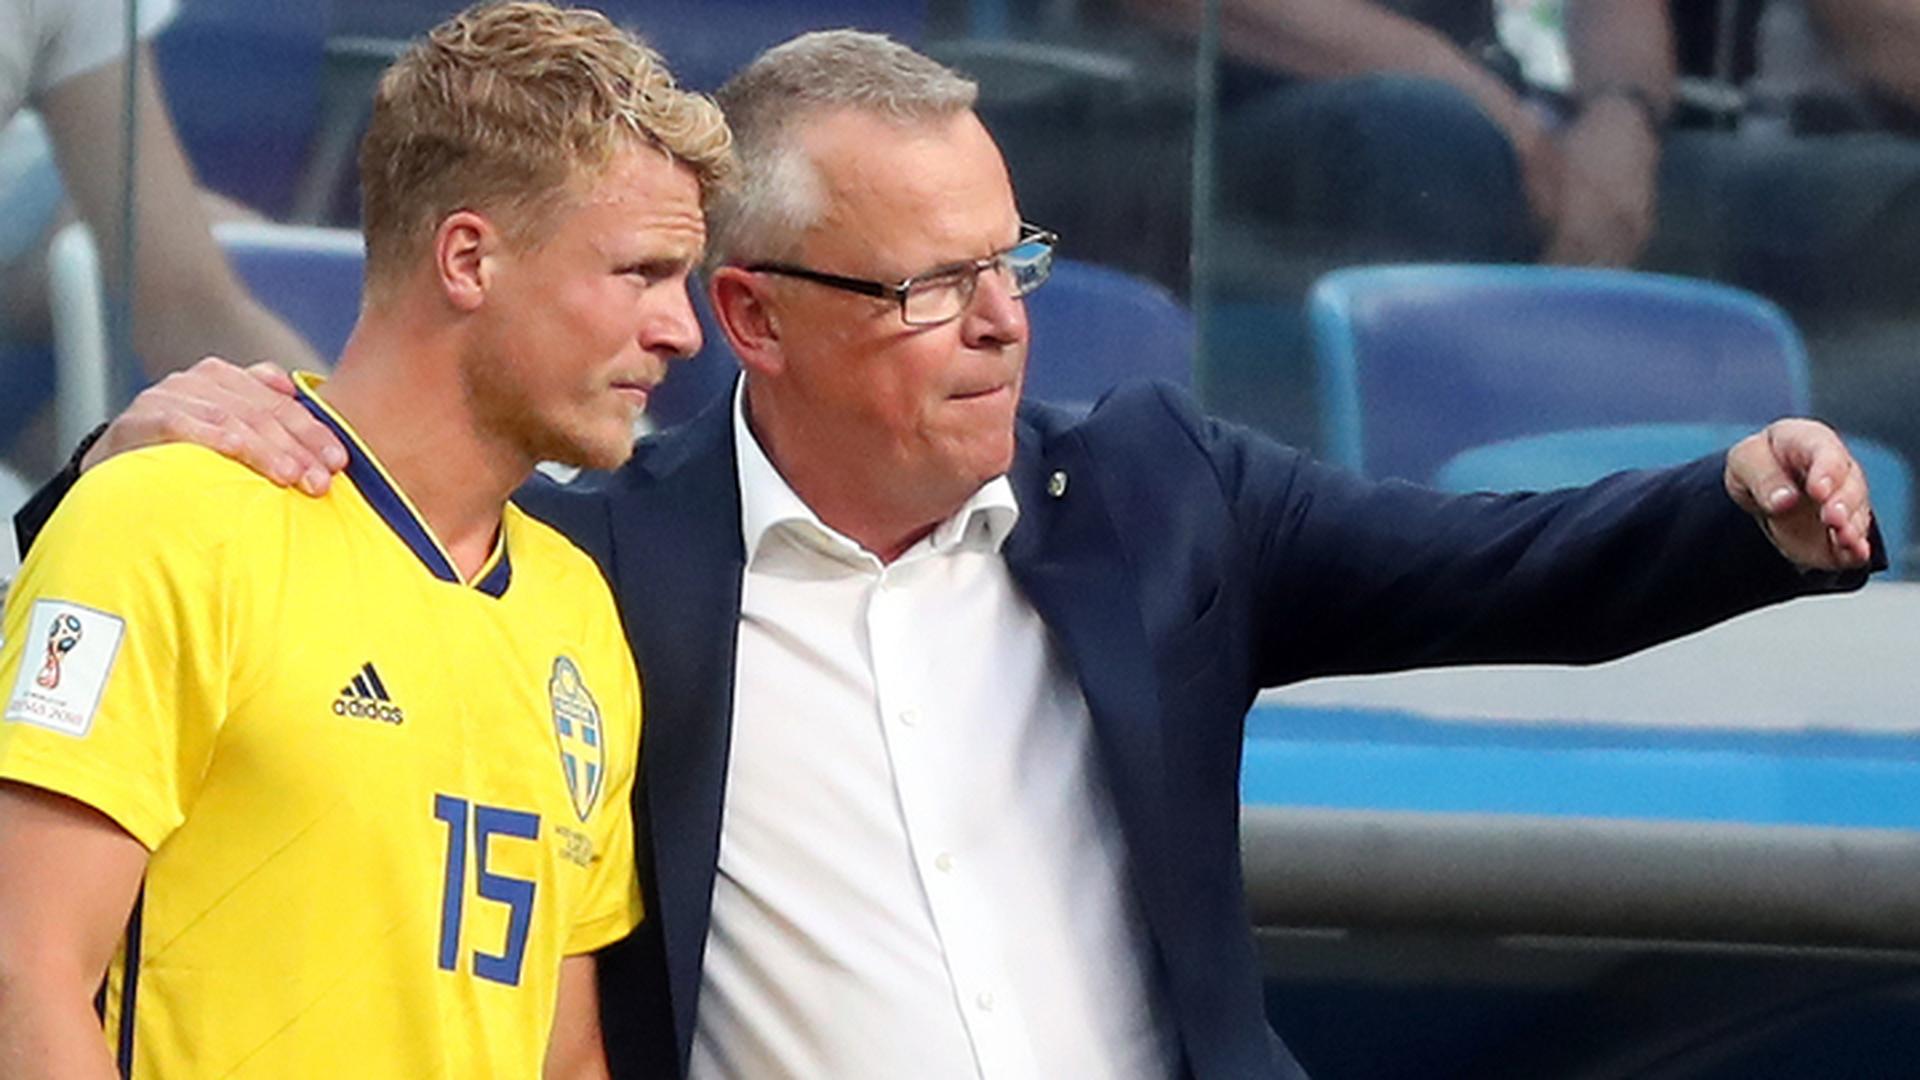 Тренер шведов Андерссон: вся команда заслуживает одобрения и похвалы